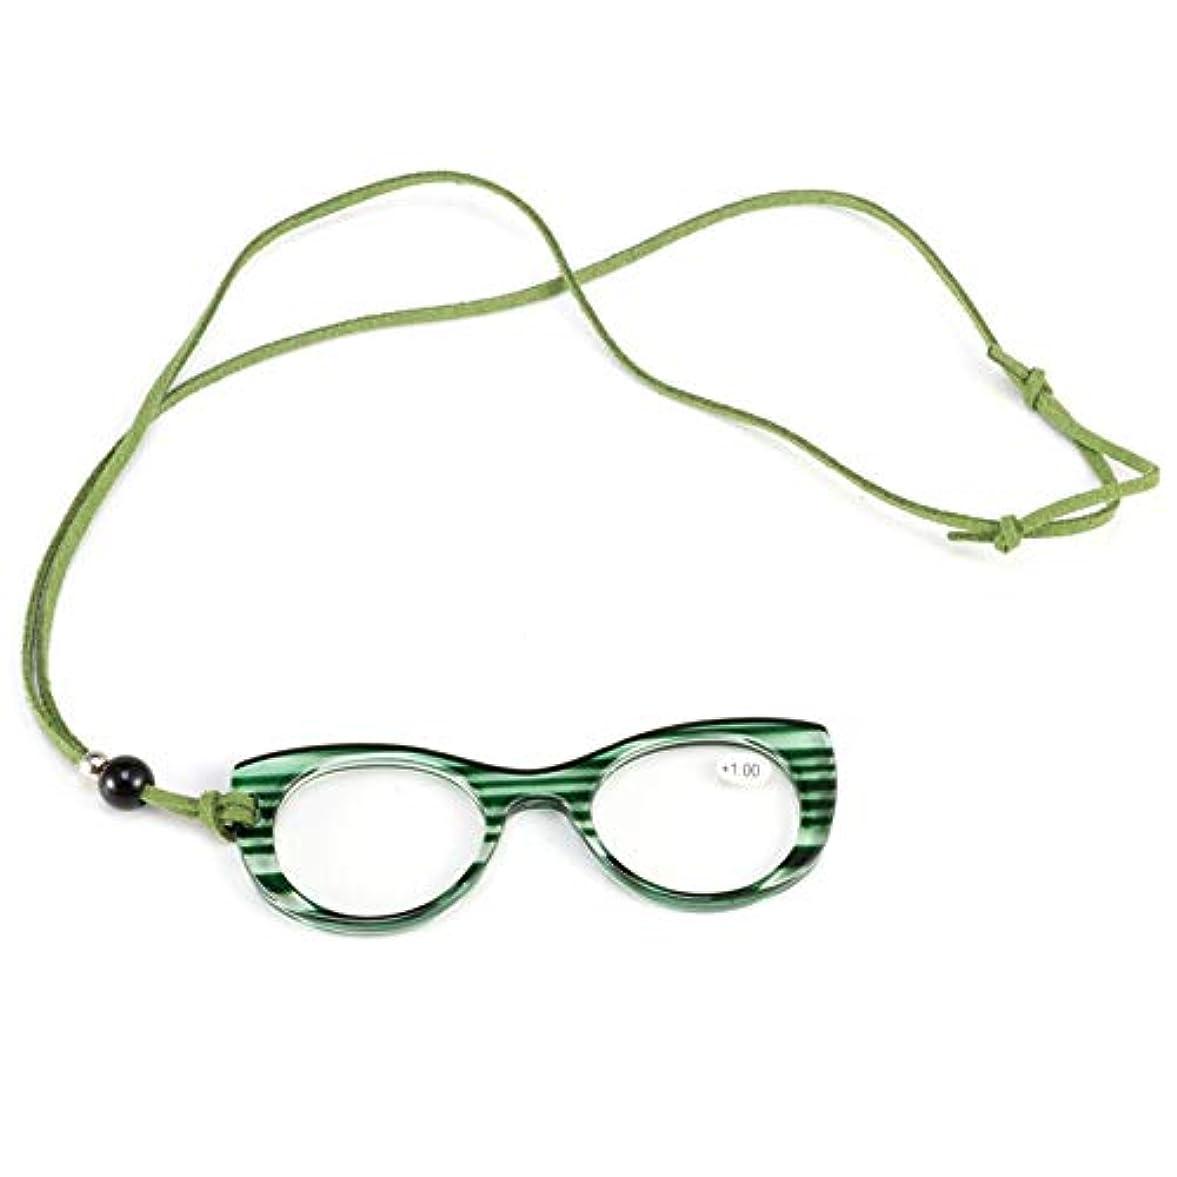 予防接種ピューチューリップ吊り首の老眼鏡、ペンダントネックレスの老眼鏡、女性のファッションポータブル老眼鏡、キャットアイフルフレームメガネ